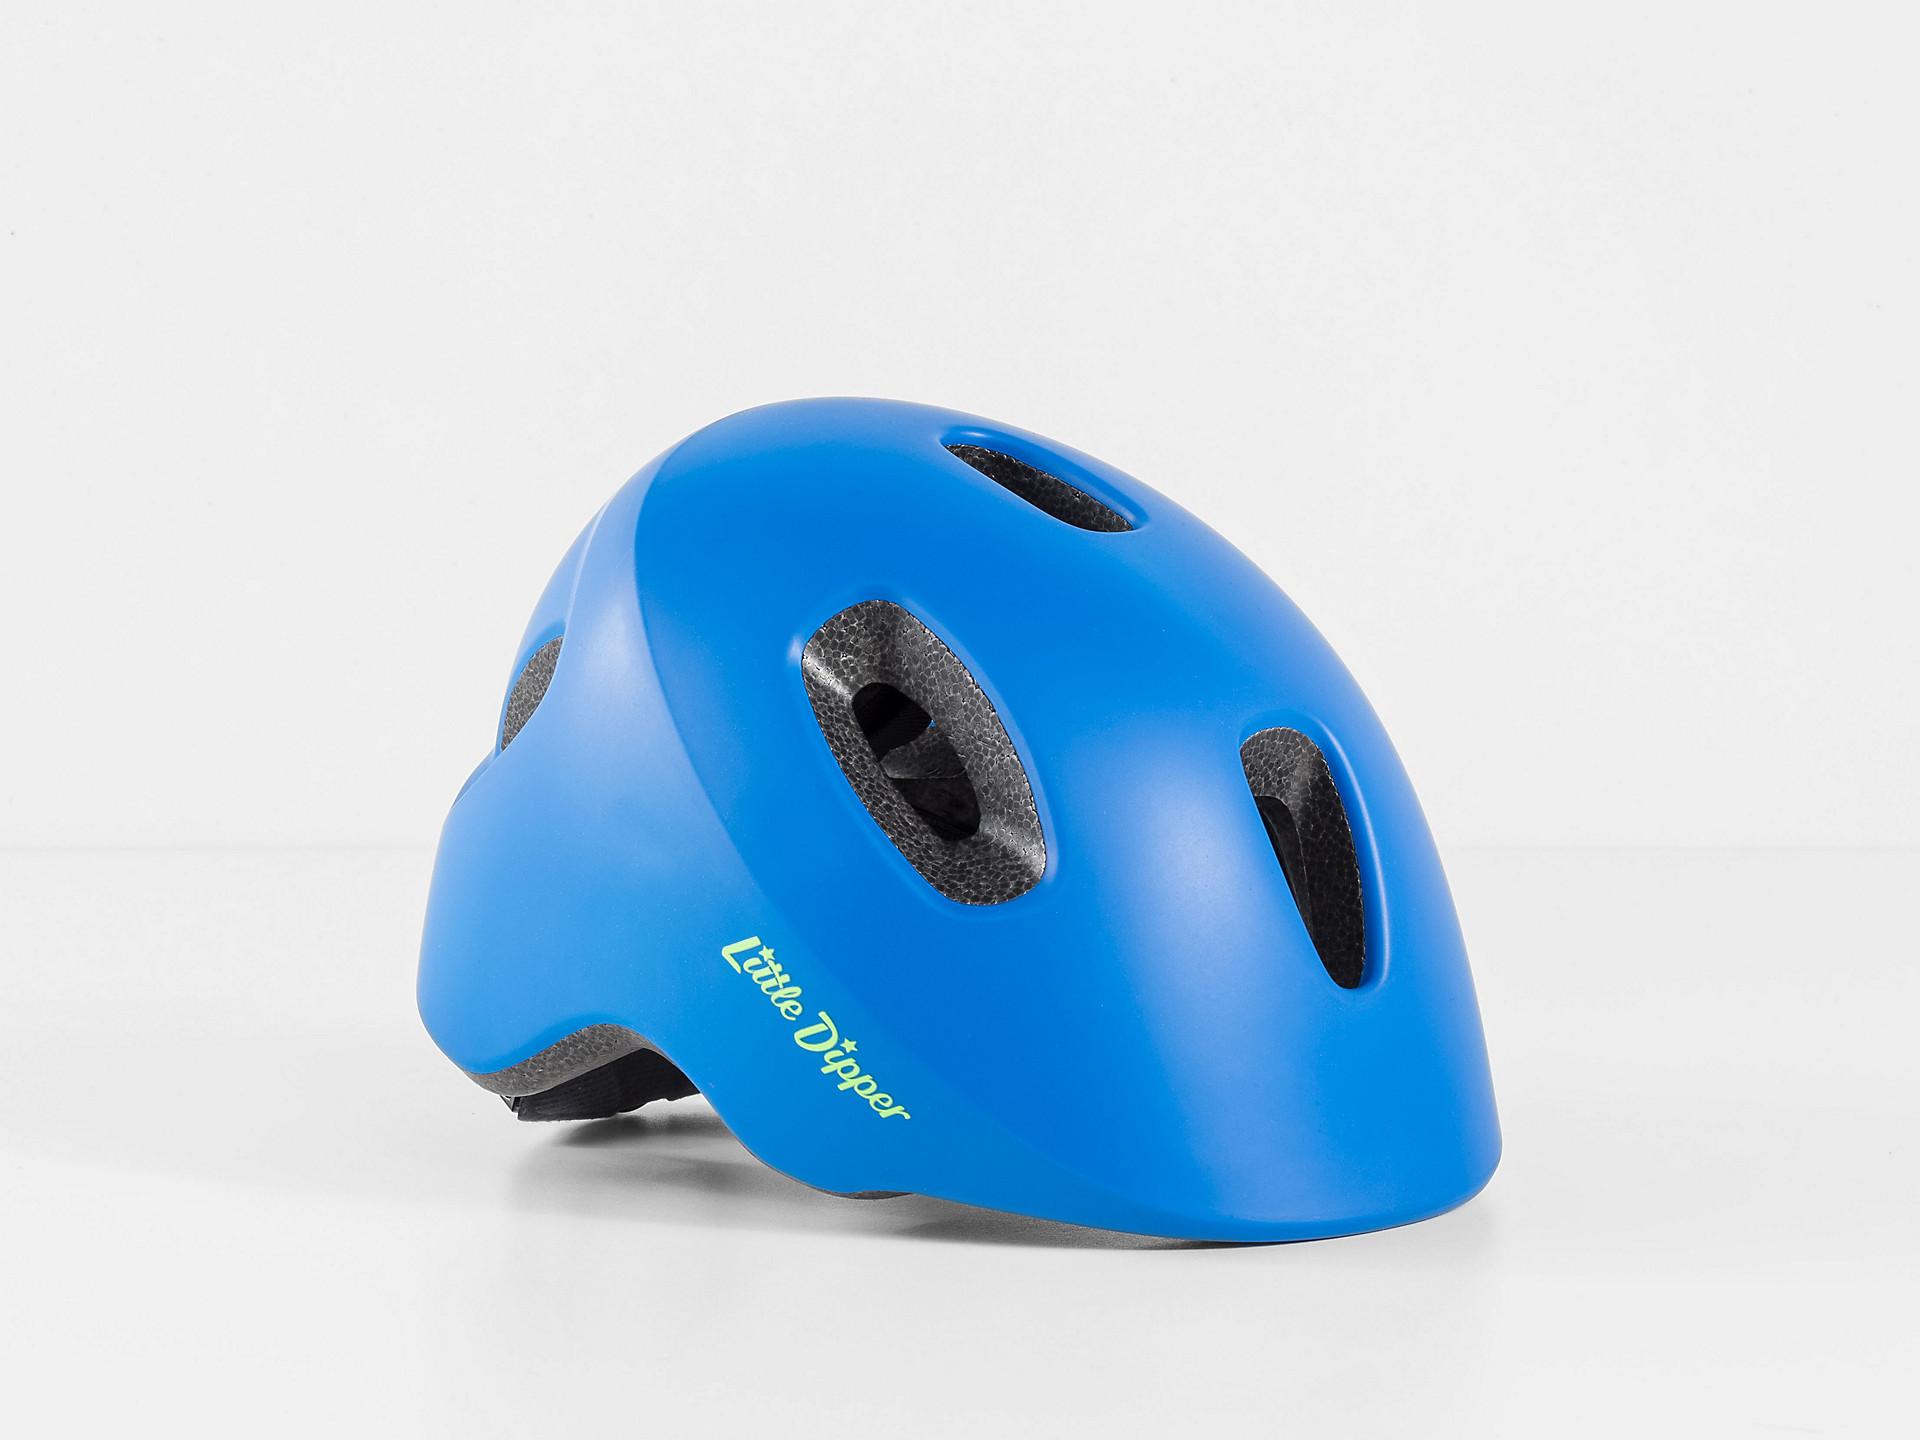 Bontrager Little Dipper Children's Bike Helmet graphic